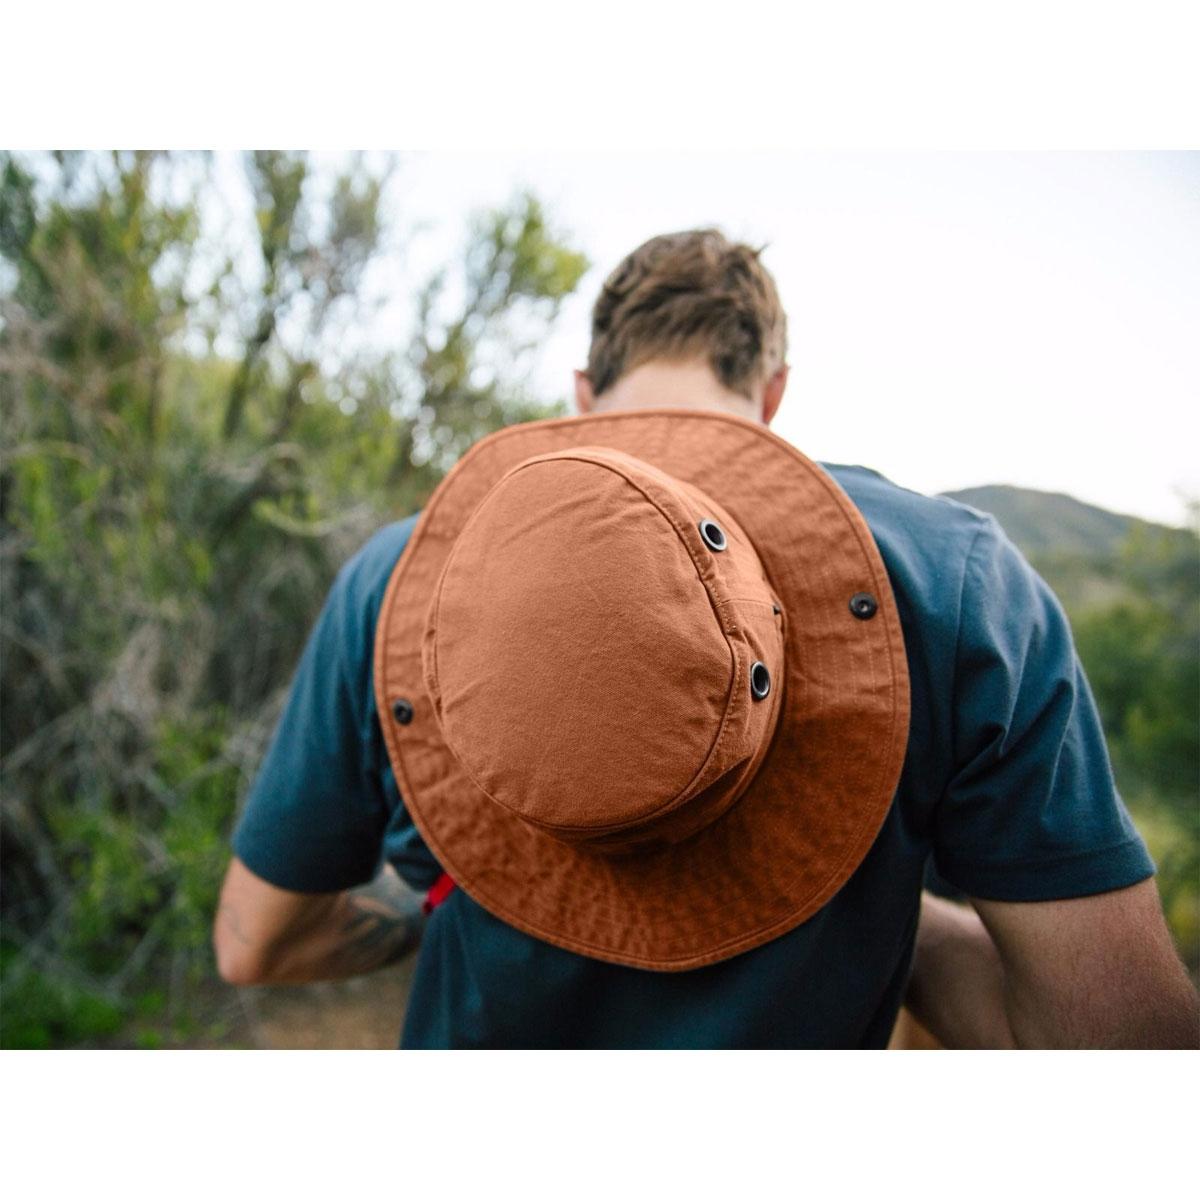 ... Image of Tilley The Tilley Wanderer Hat - Caramel. « 2eb3c4a5434